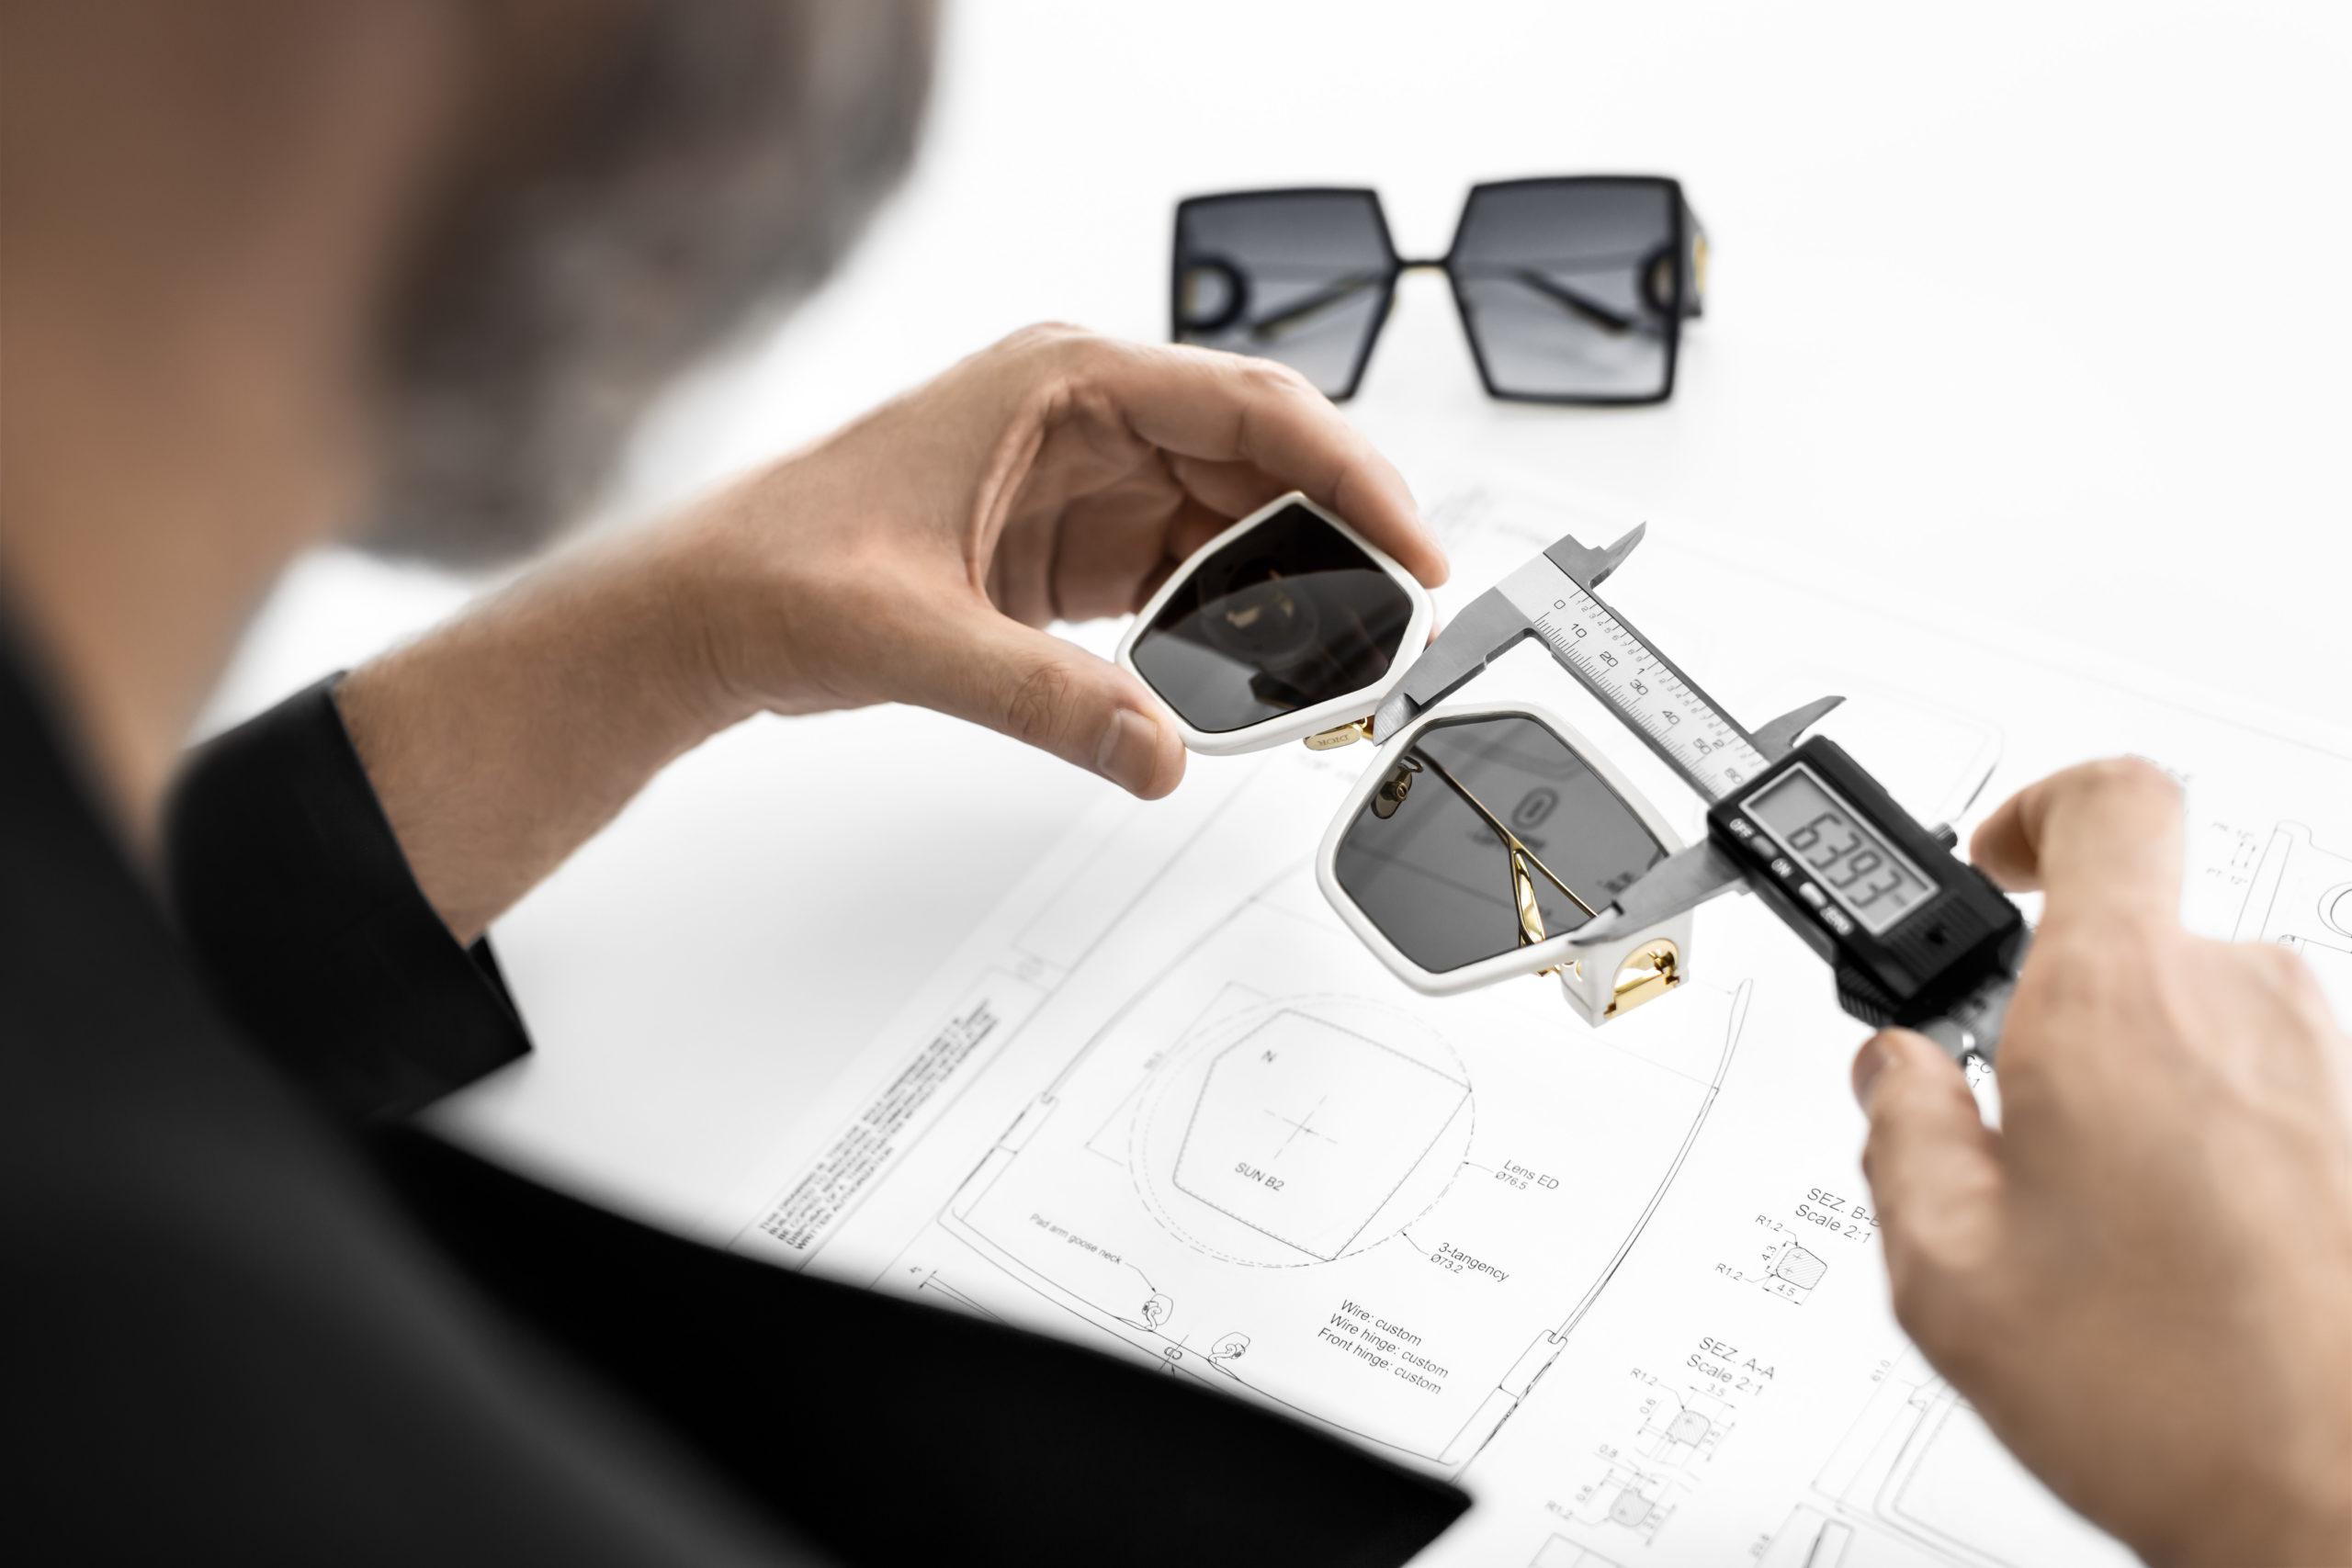 Neem een kijkje achter de schermen bij de Dior zonnebrillen